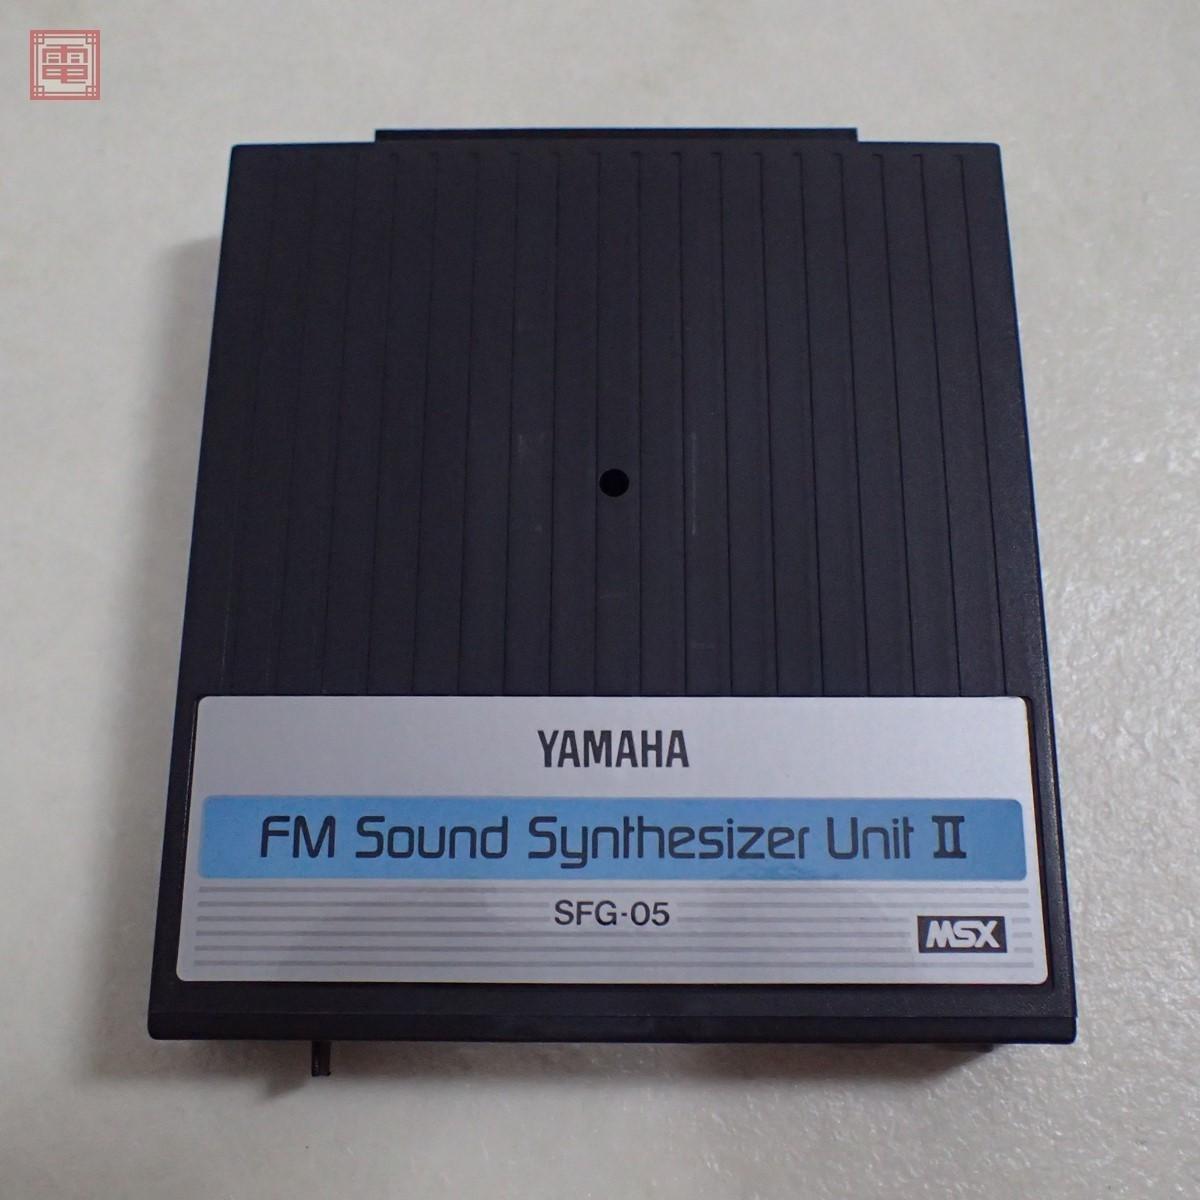 MSX YAMAHA FMサウンドシンセサイザユニットII SFG-05 ヤマハ FM Sound Synthesizer Unit II 動作未確認 1円~【10